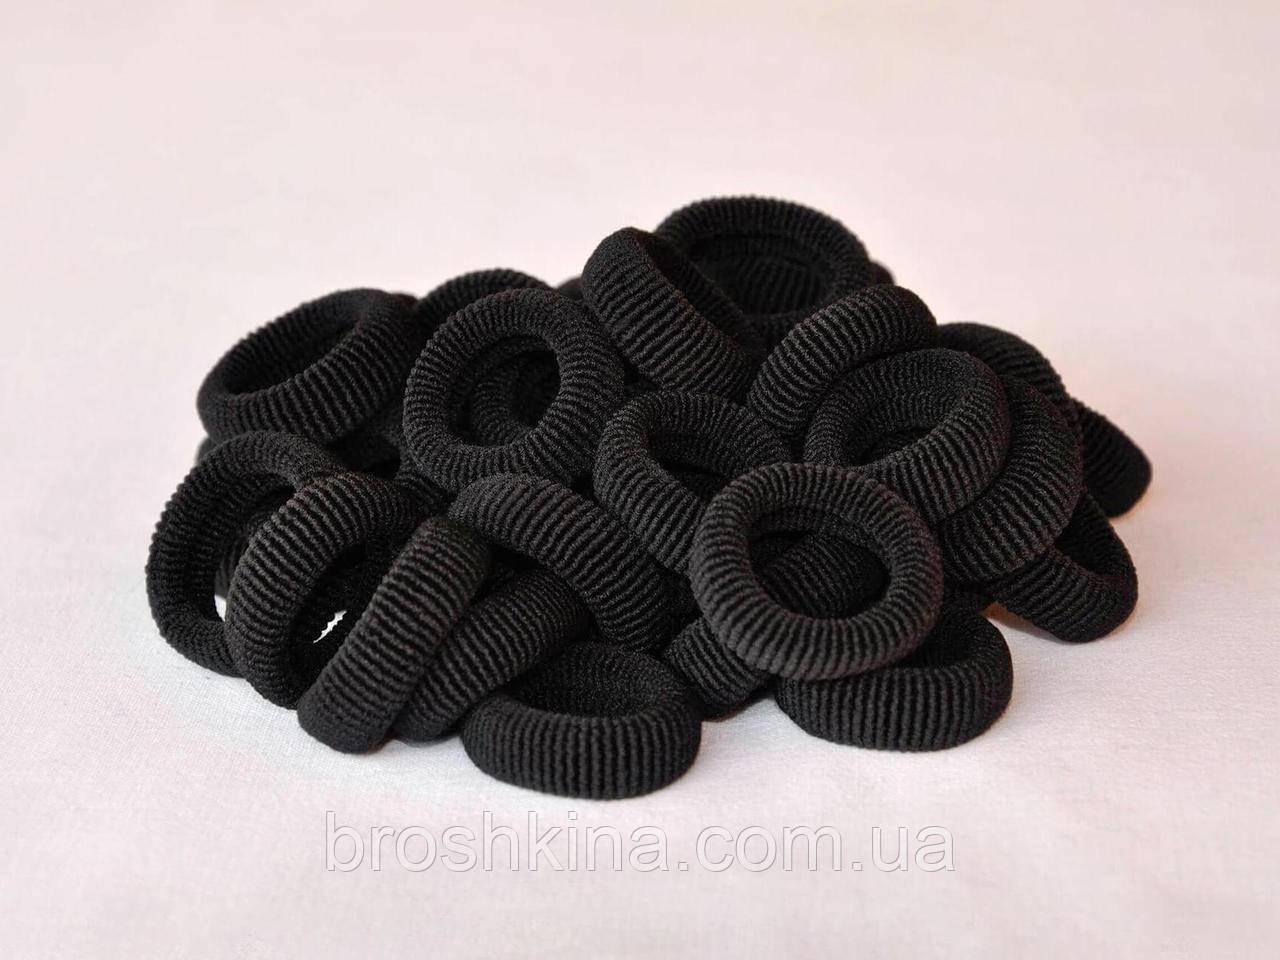 Резинка махровая Калуш Ø3.7 черная 50 шт/уп